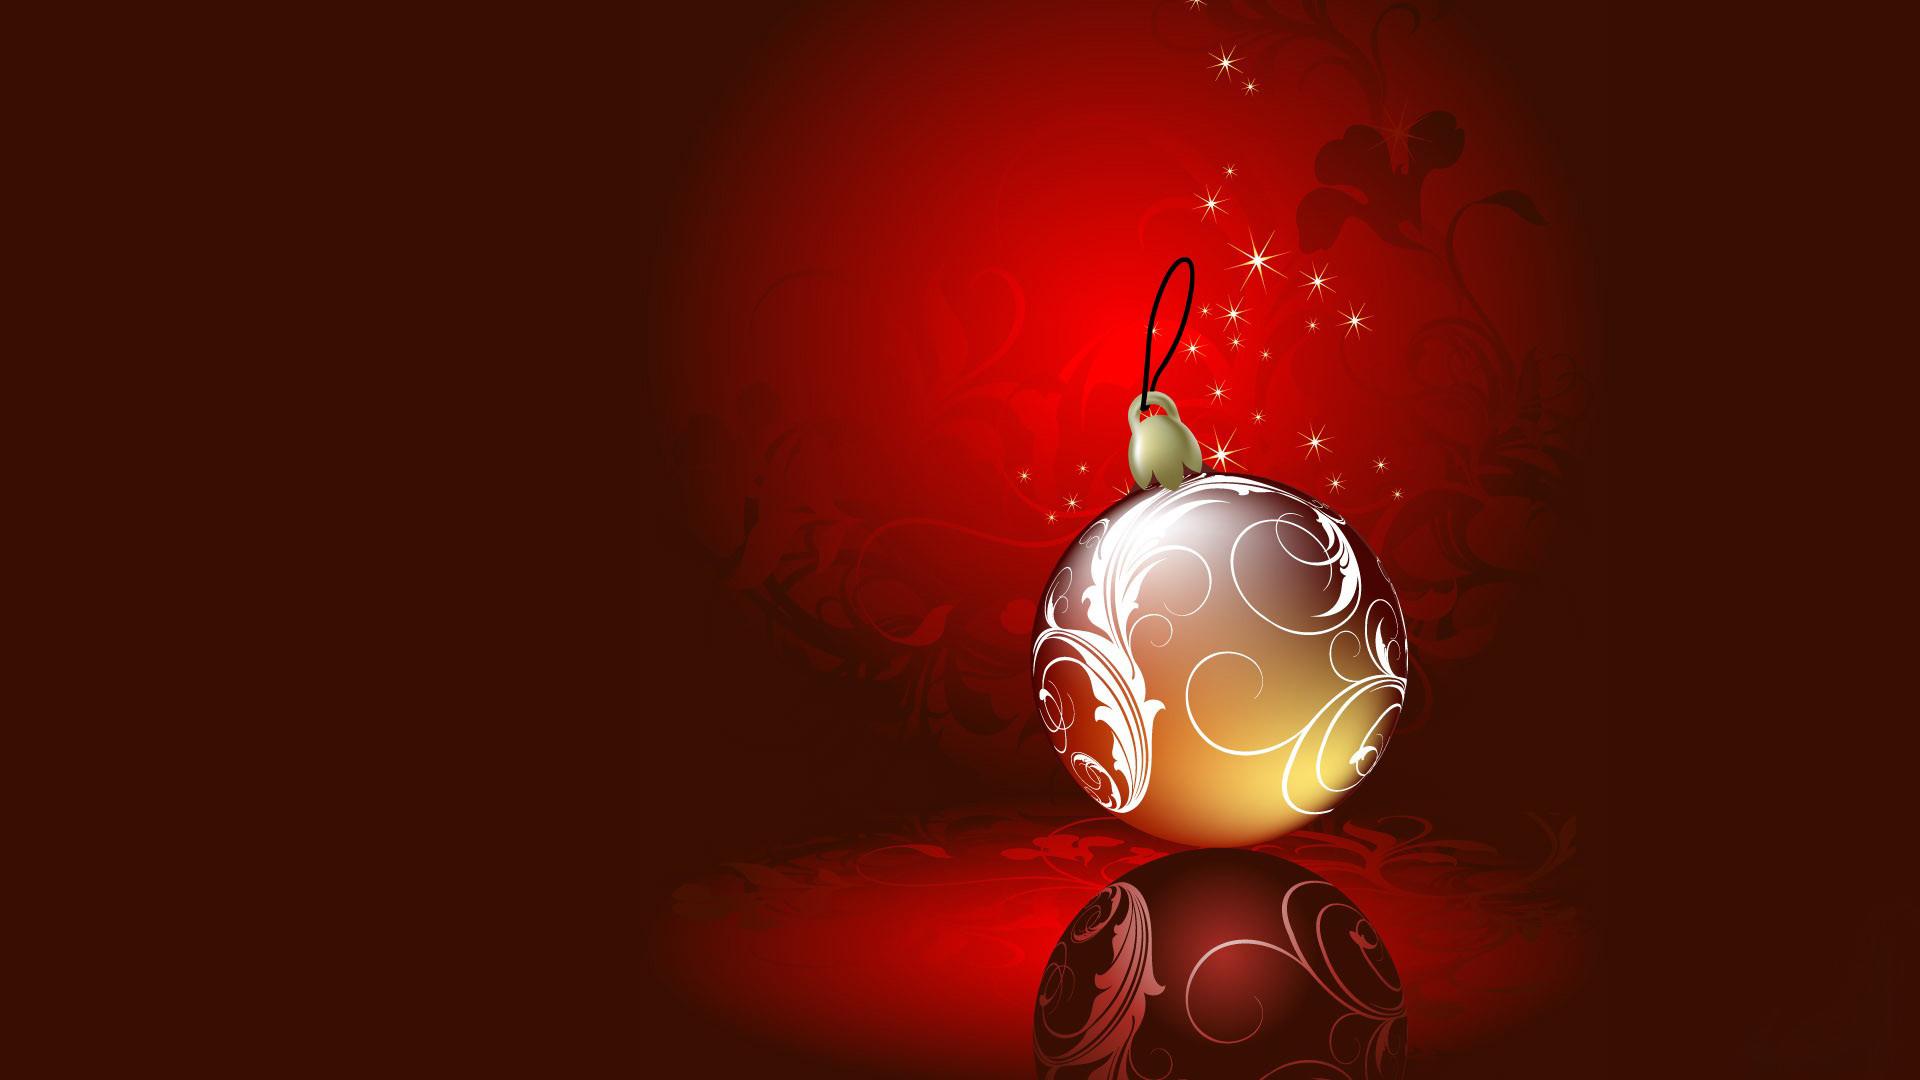 New year ke wallpaper hd download